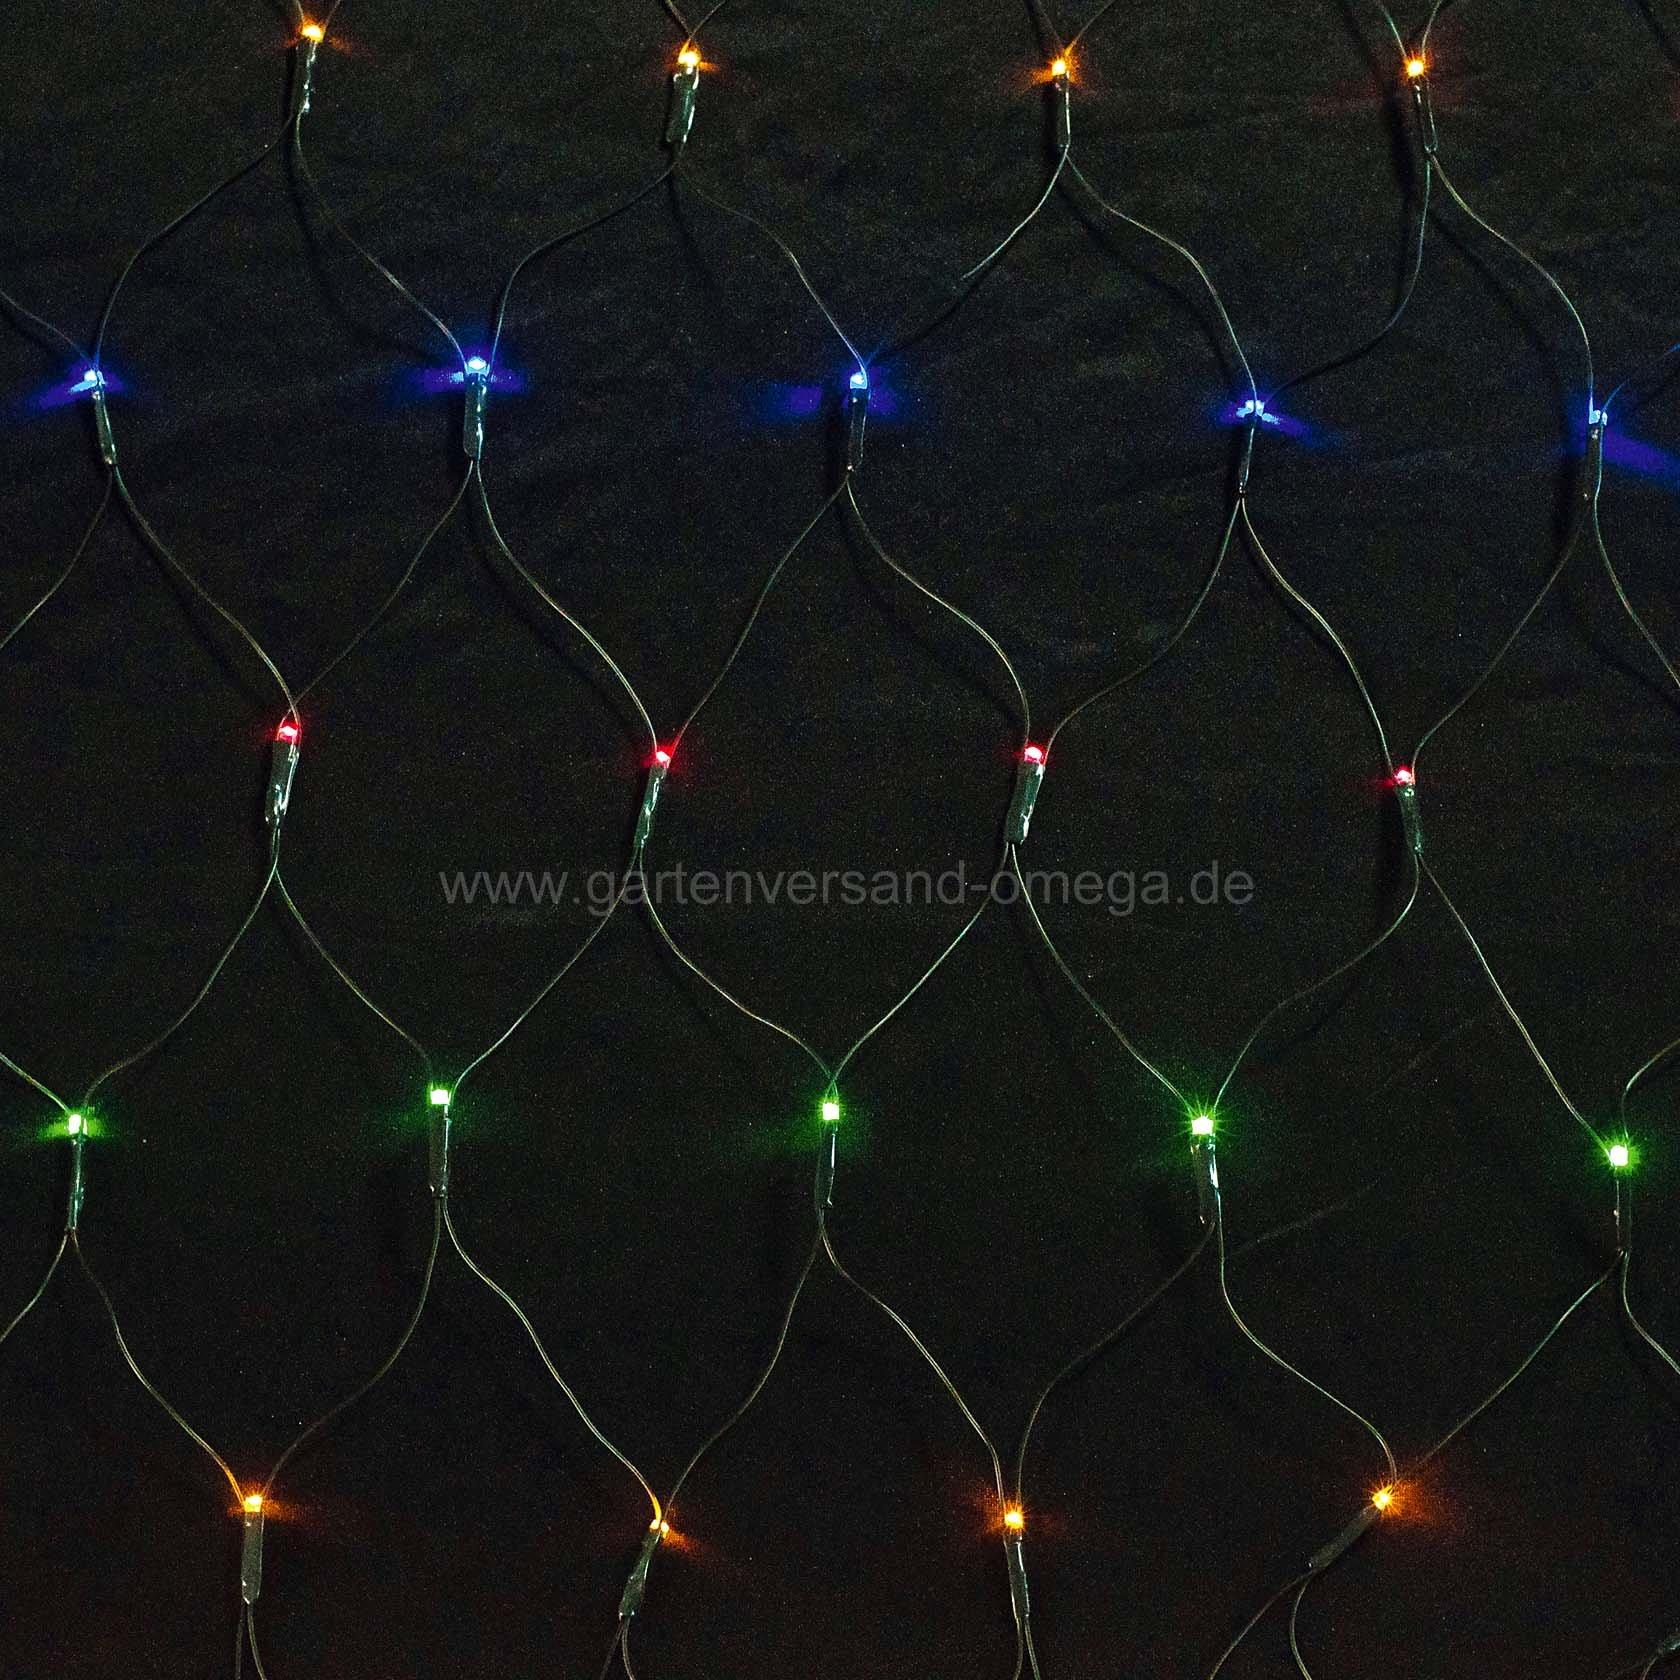 led lichtnetz mit umschaltbarer farbe weihnachtsbeleuchtung farbe einstellbar mehrfarbiges. Black Bedroom Furniture Sets. Home Design Ideas